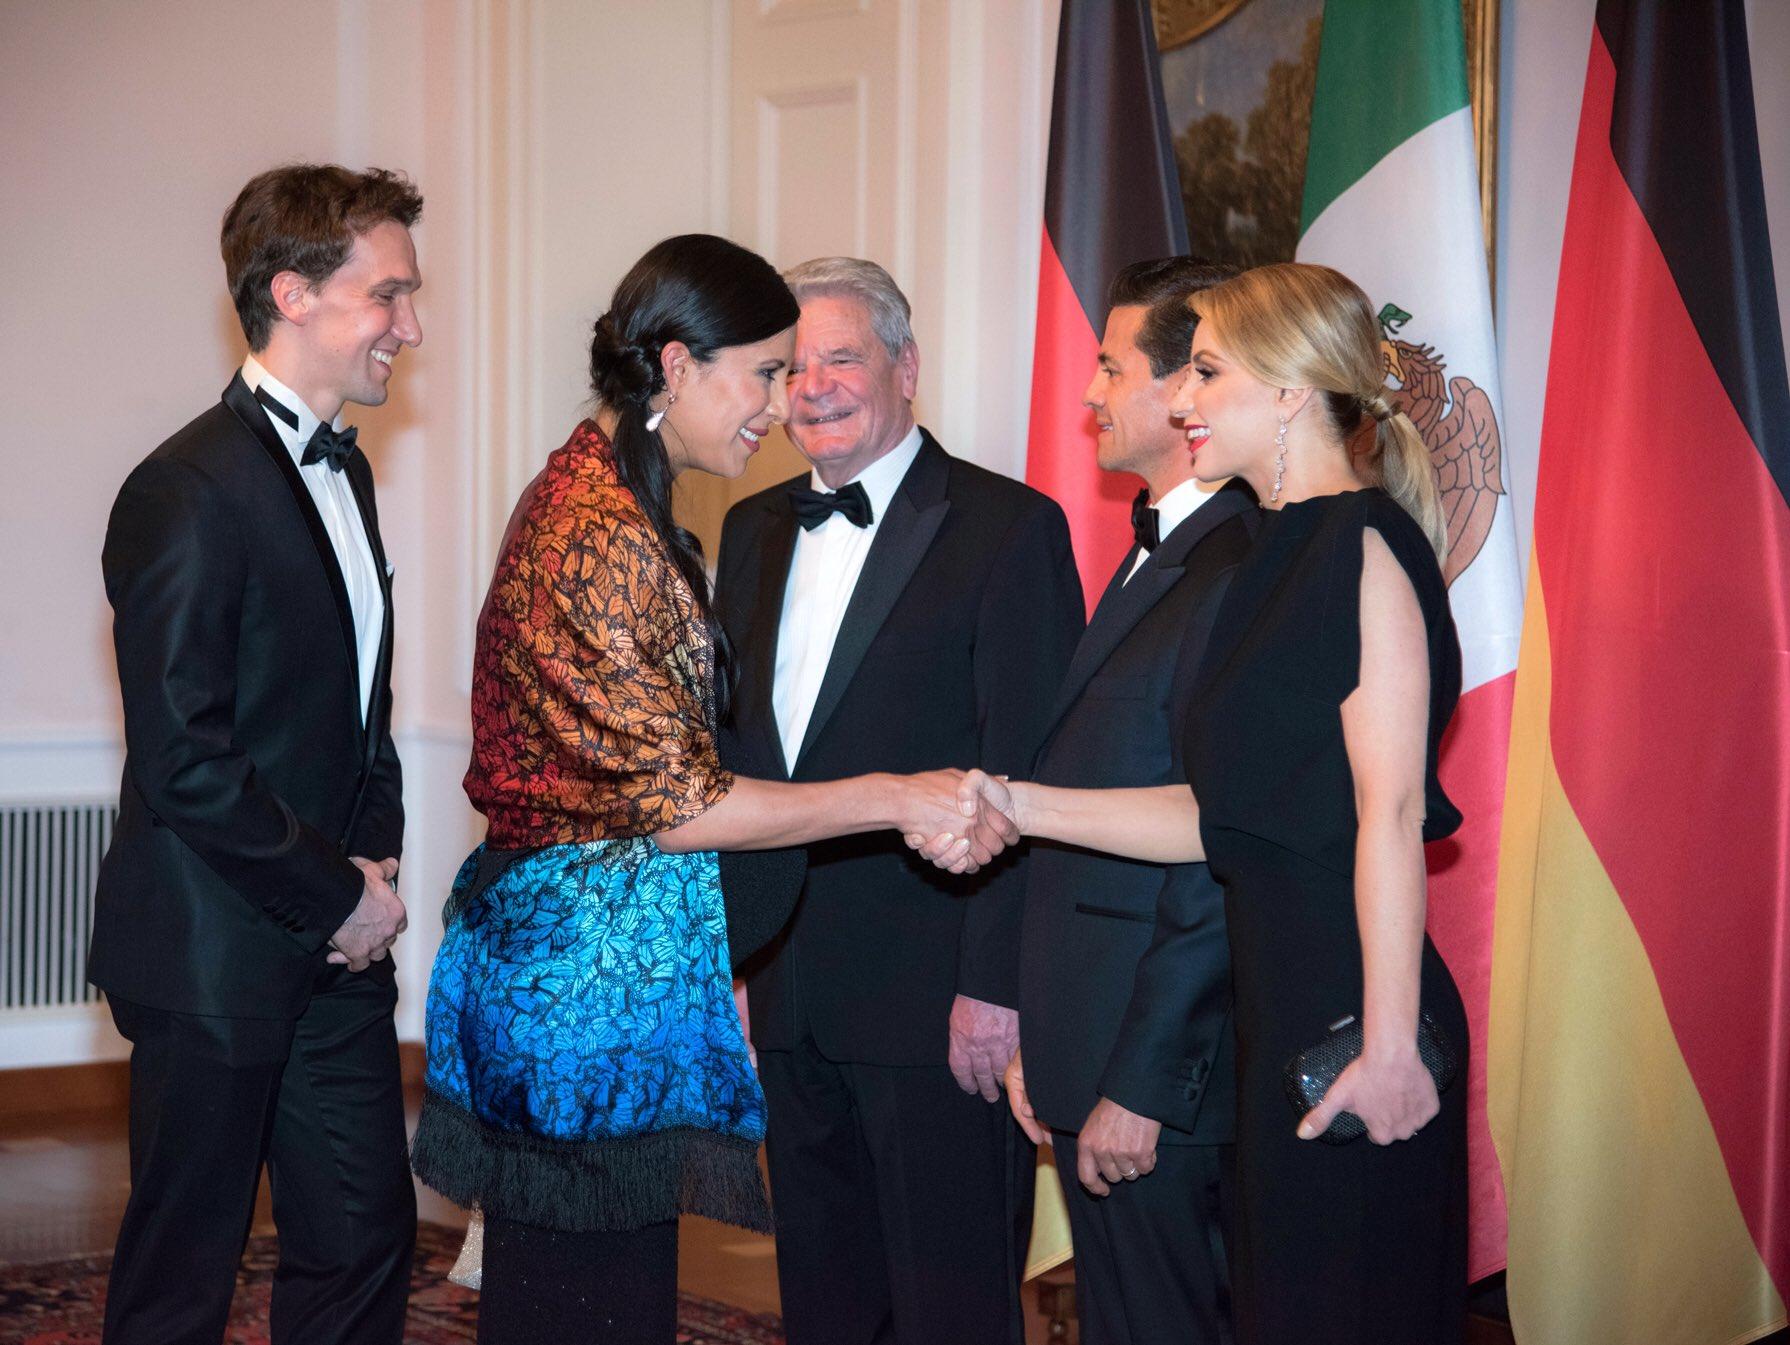 'Cuando salgo al escenario quien baila es @Mexico'. @ElisaCarrilloC, Primera Bailarina de la Ópera de Berlín. https://t.co/BPBxfjnYRE